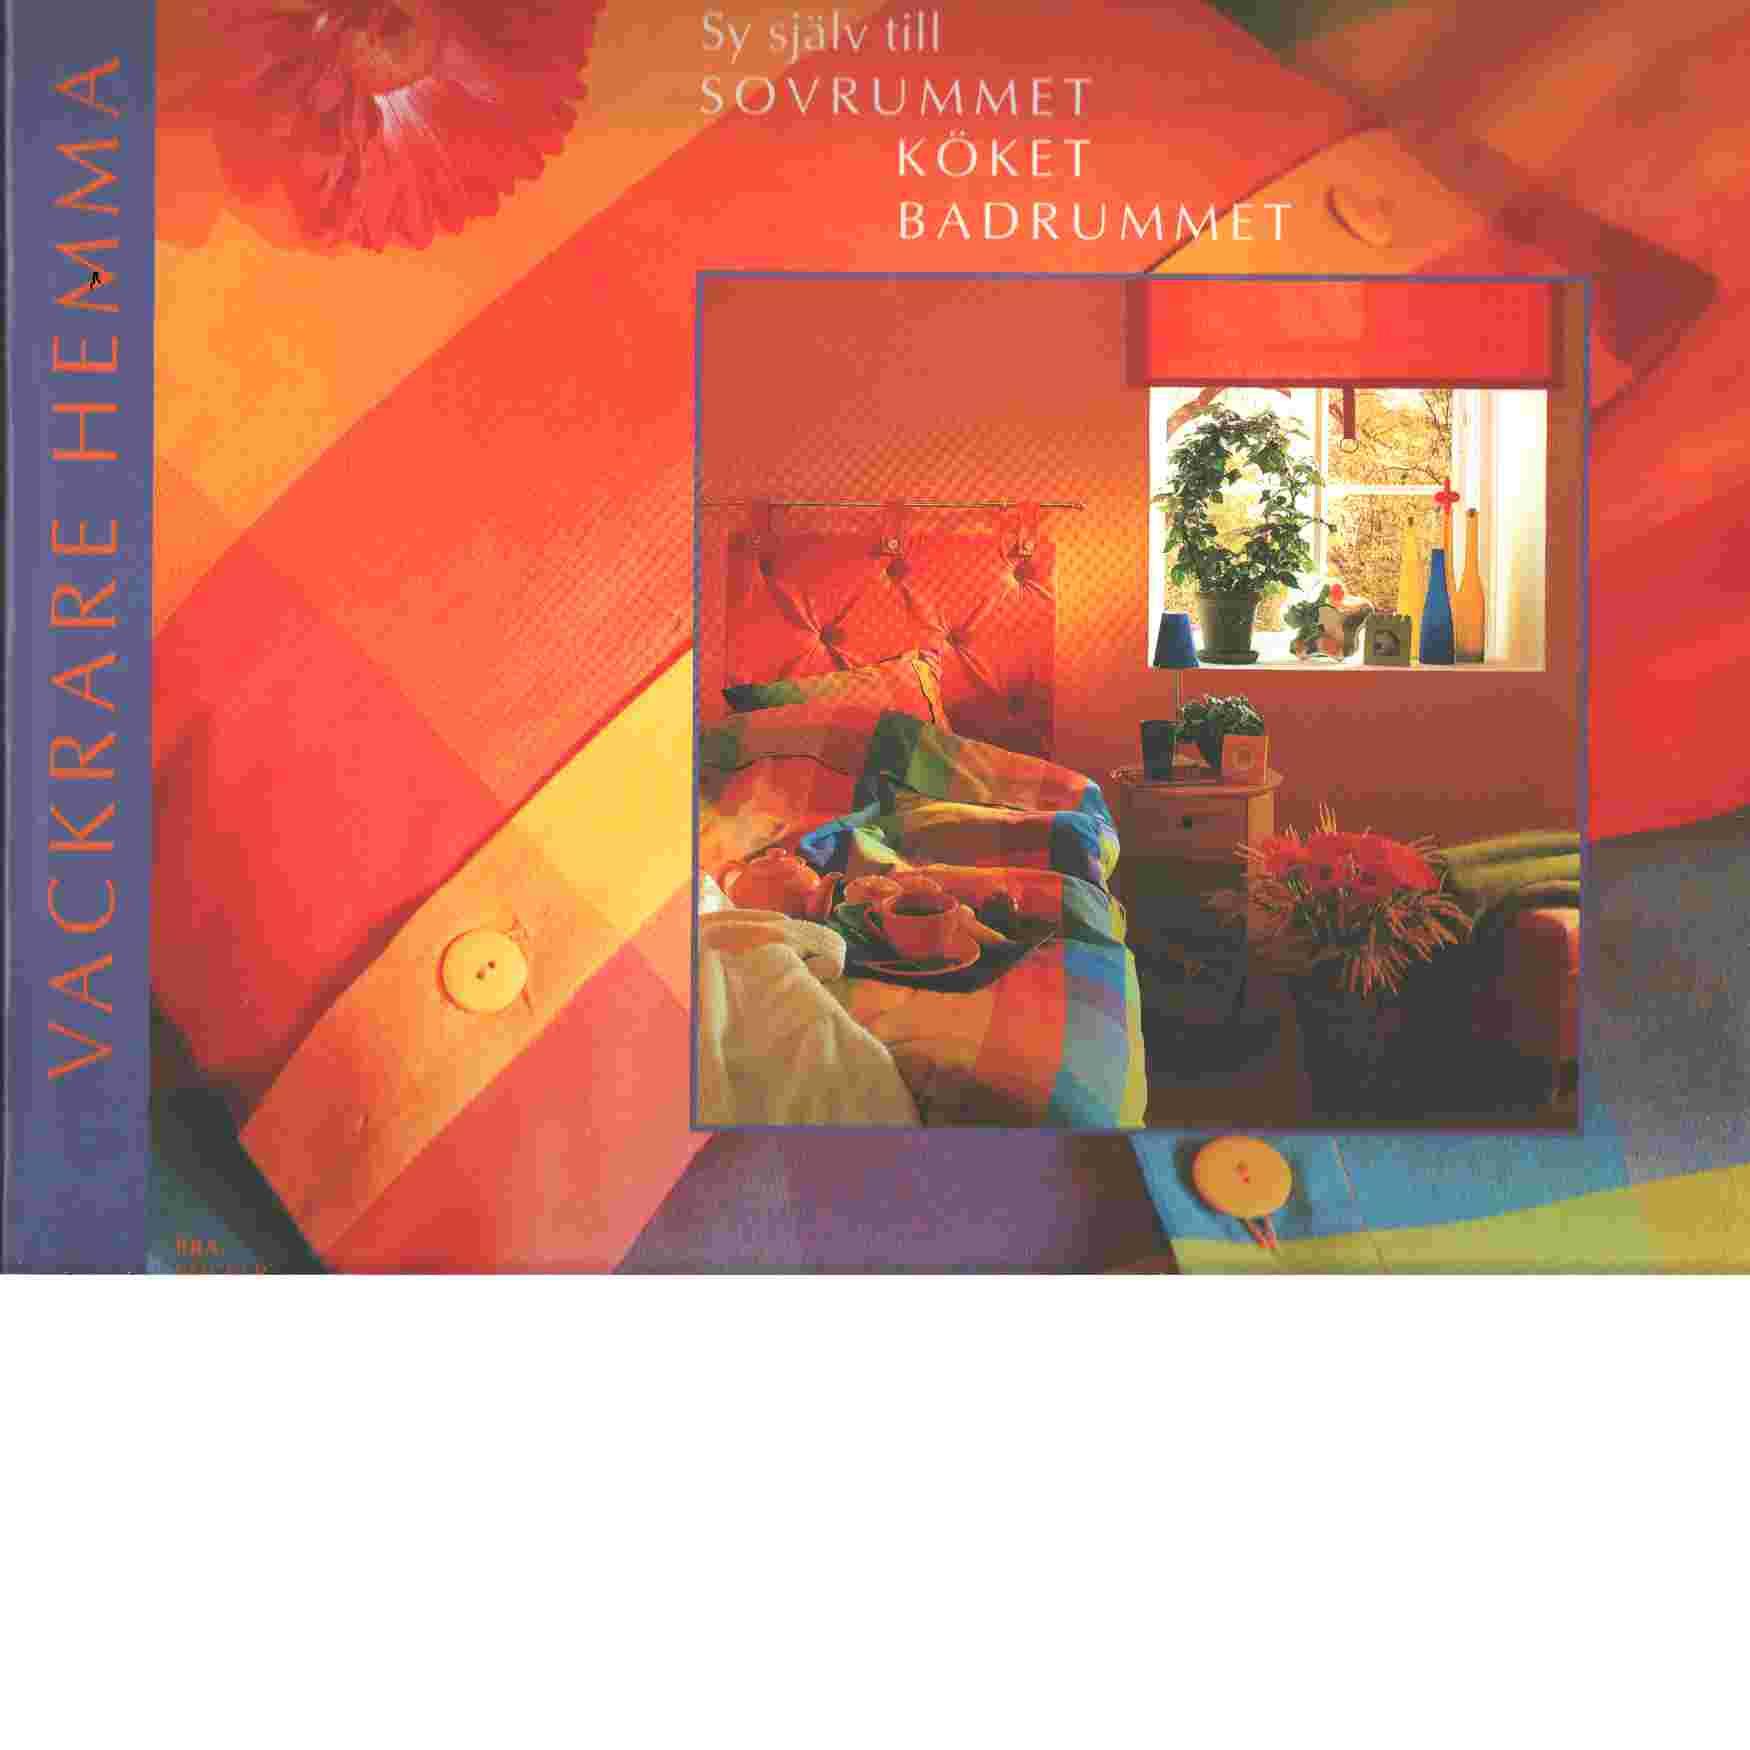 Vackrare hemma : sy själv till sovrummet, köket, badrummet - Bergendorff, Chris